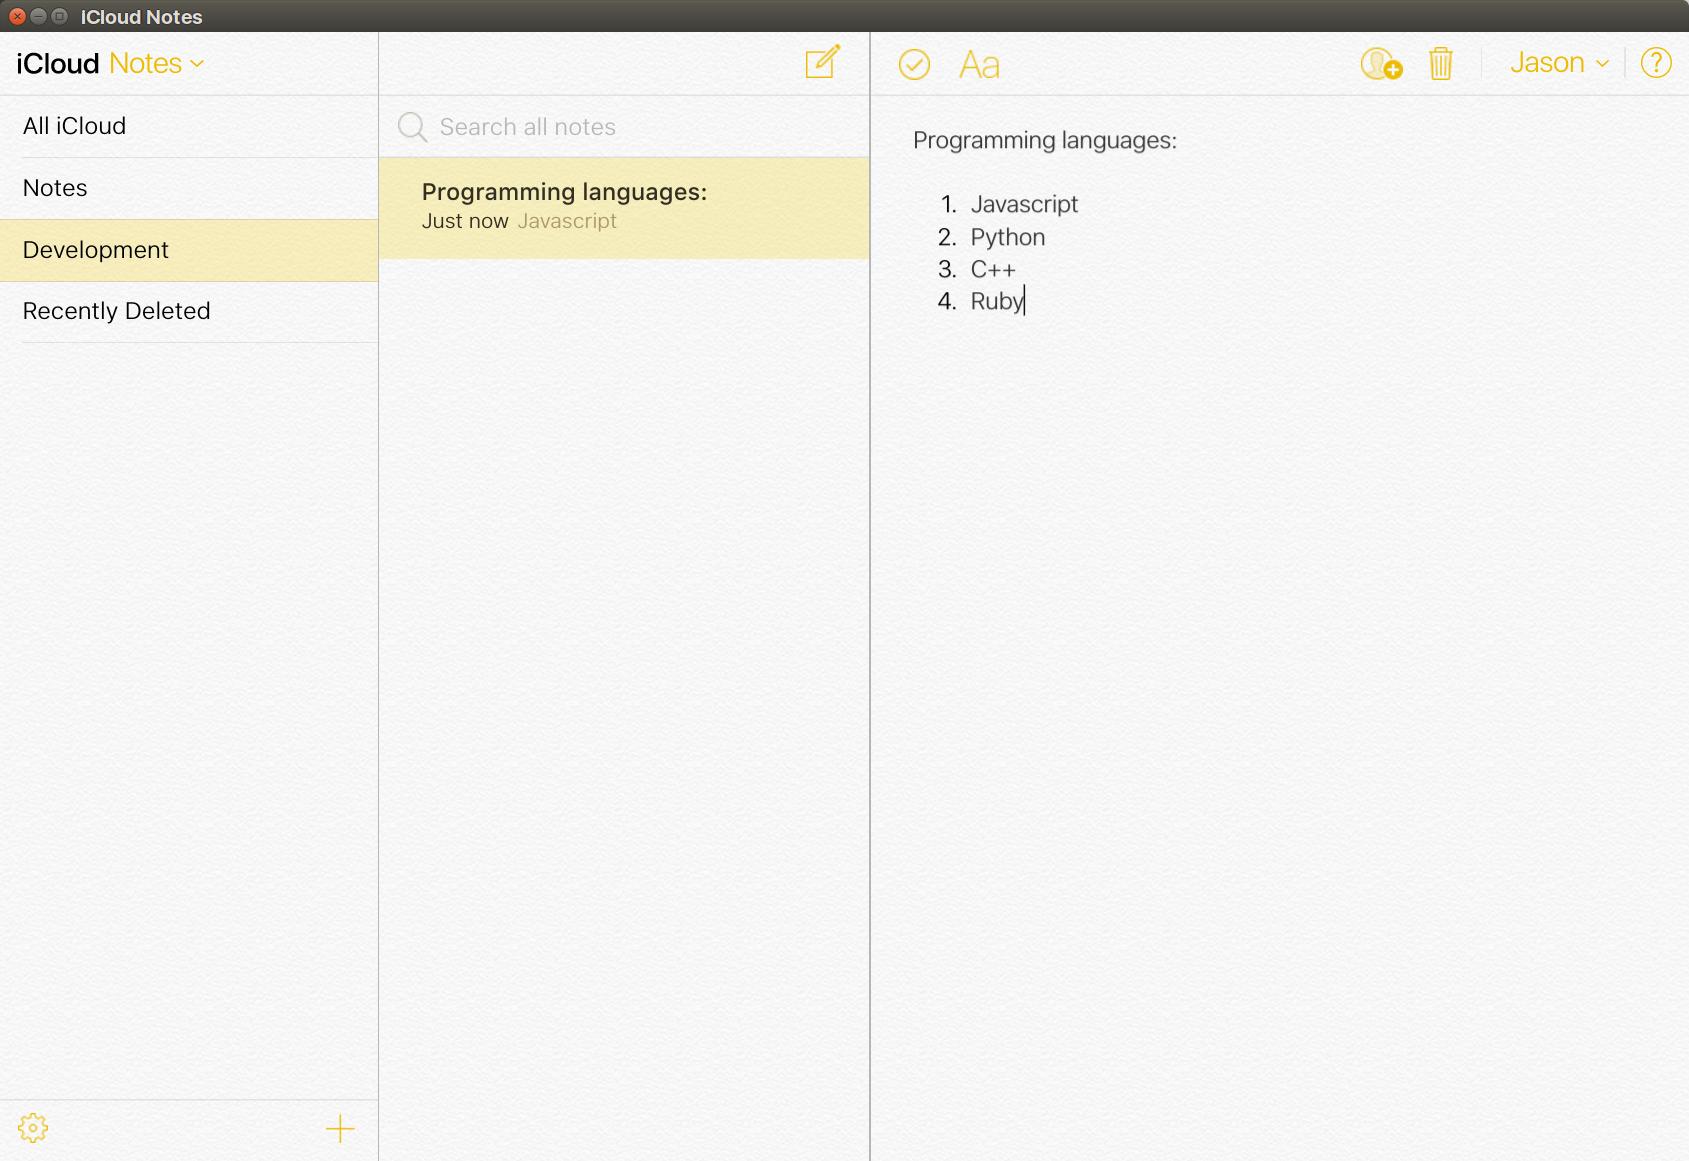 uApp Explorer - icloud-notes-linux-client